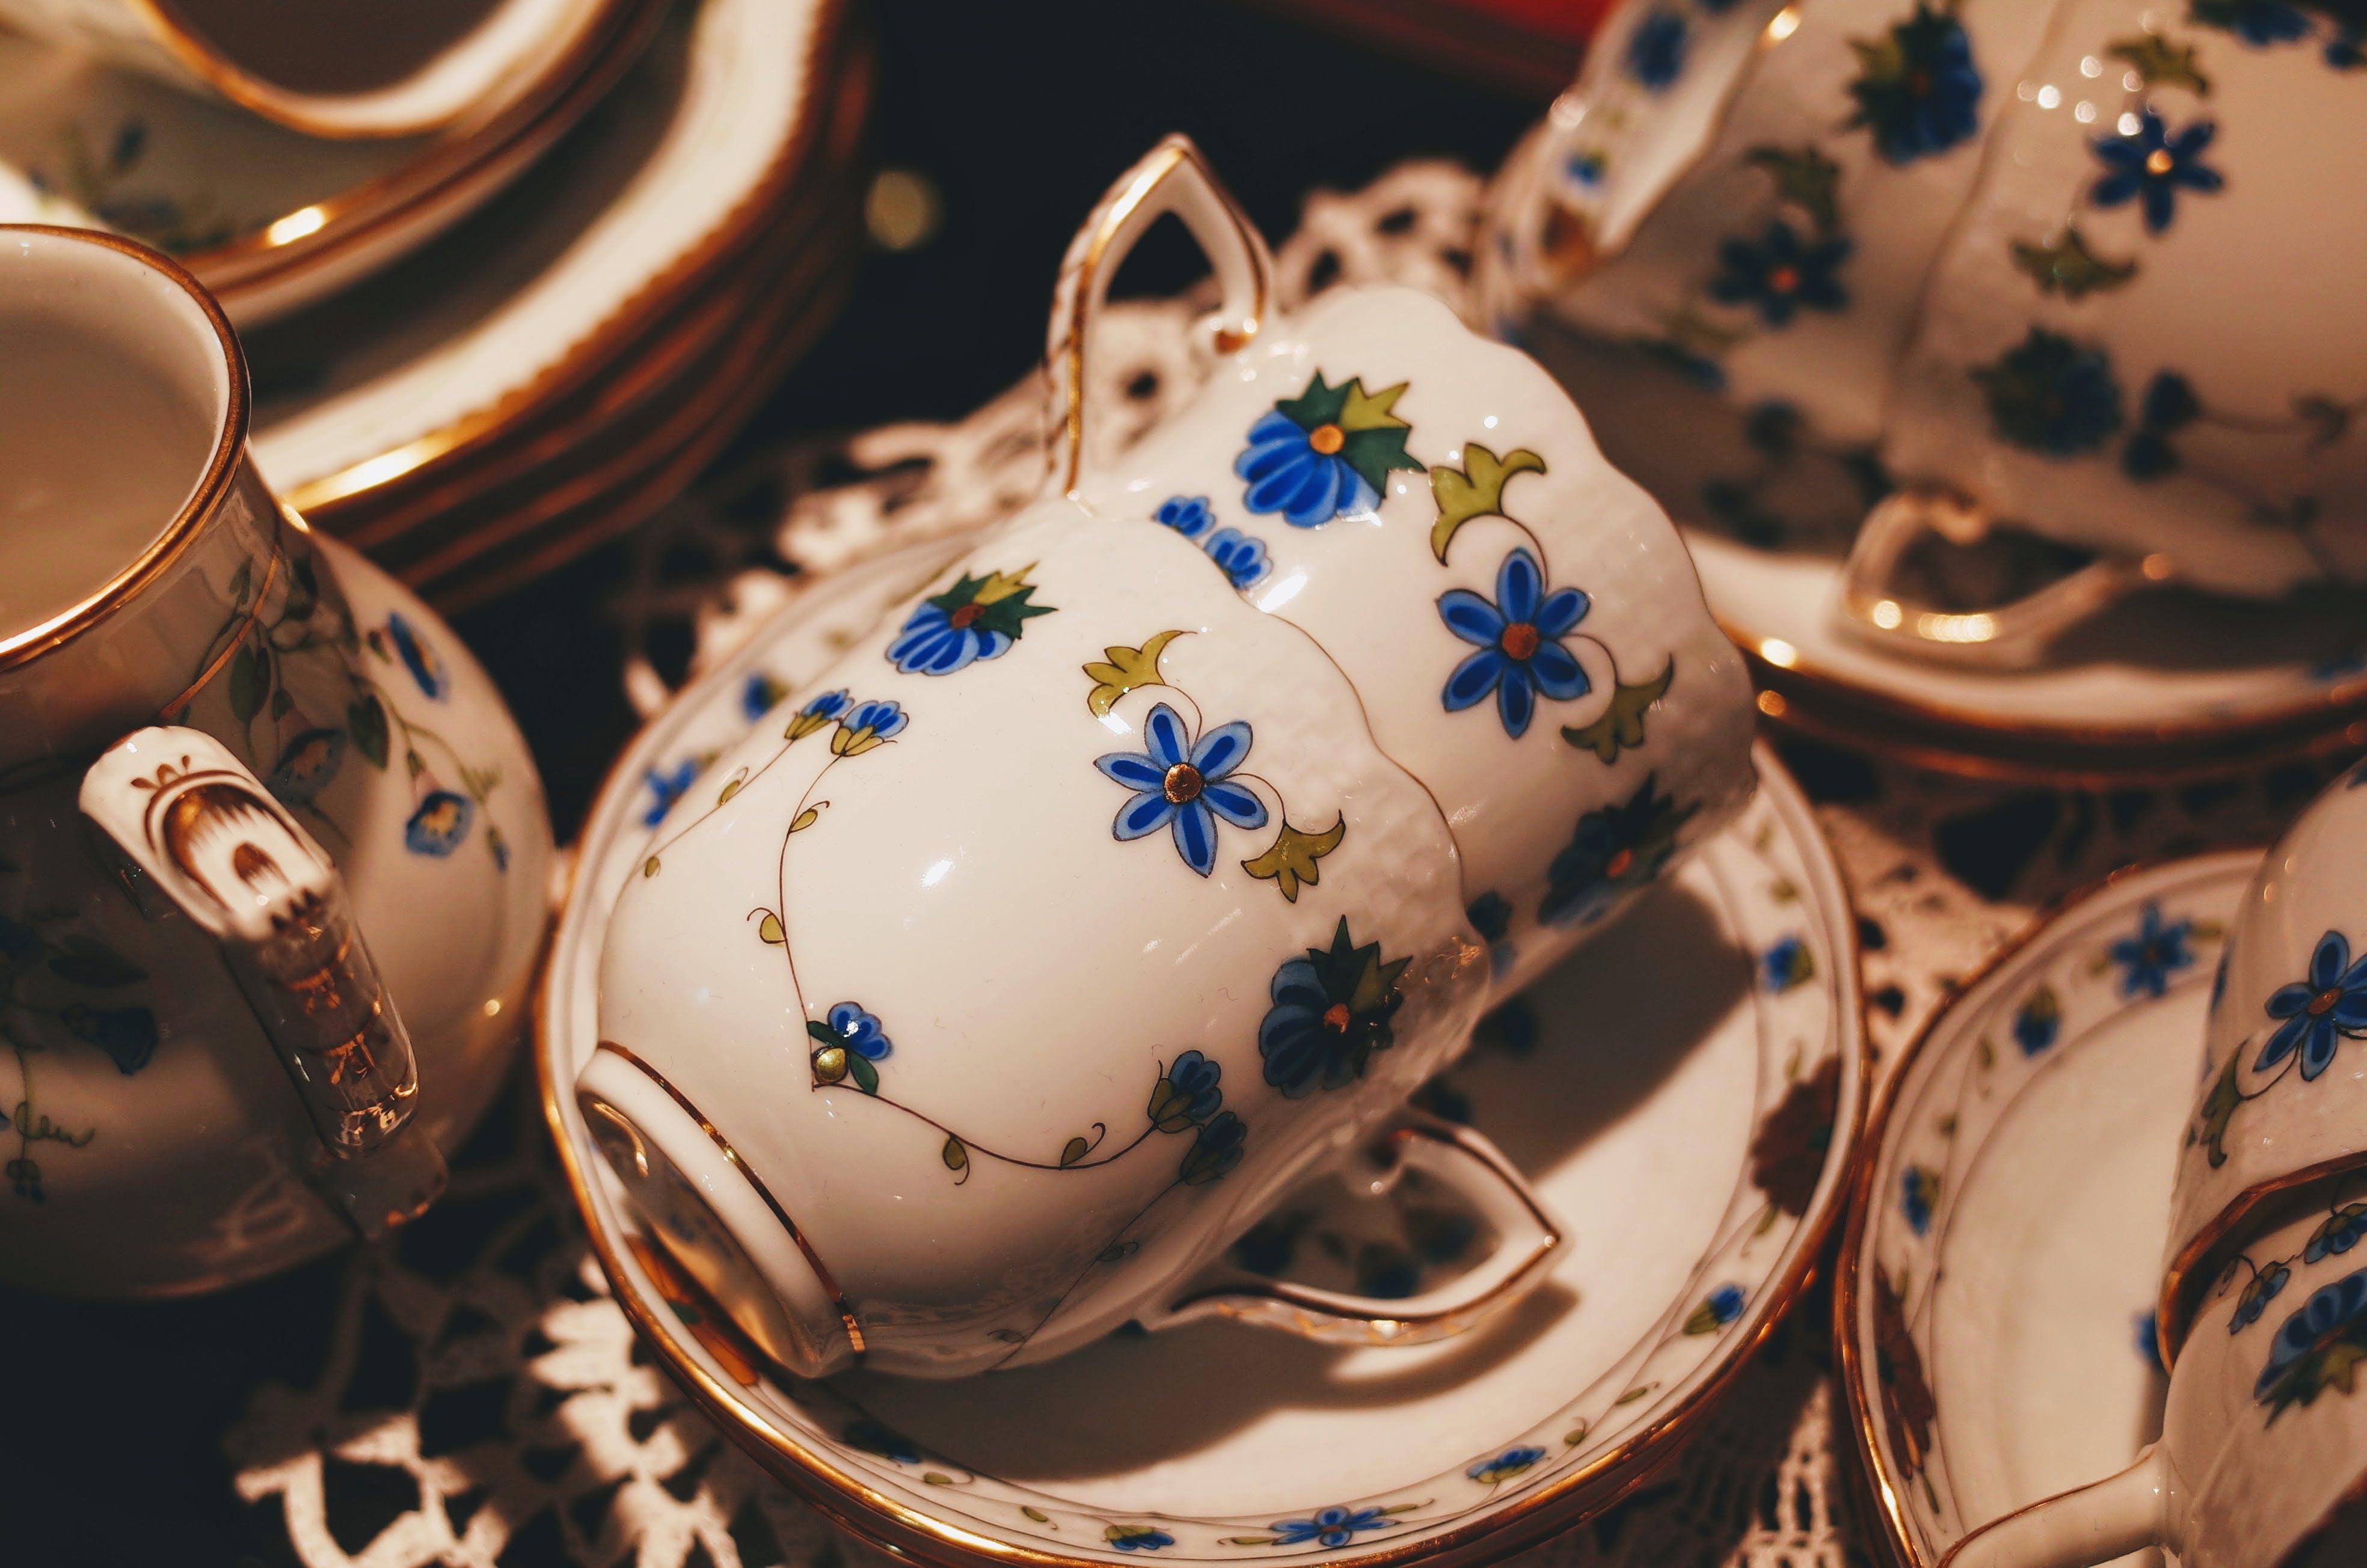 ceramics, cups, design